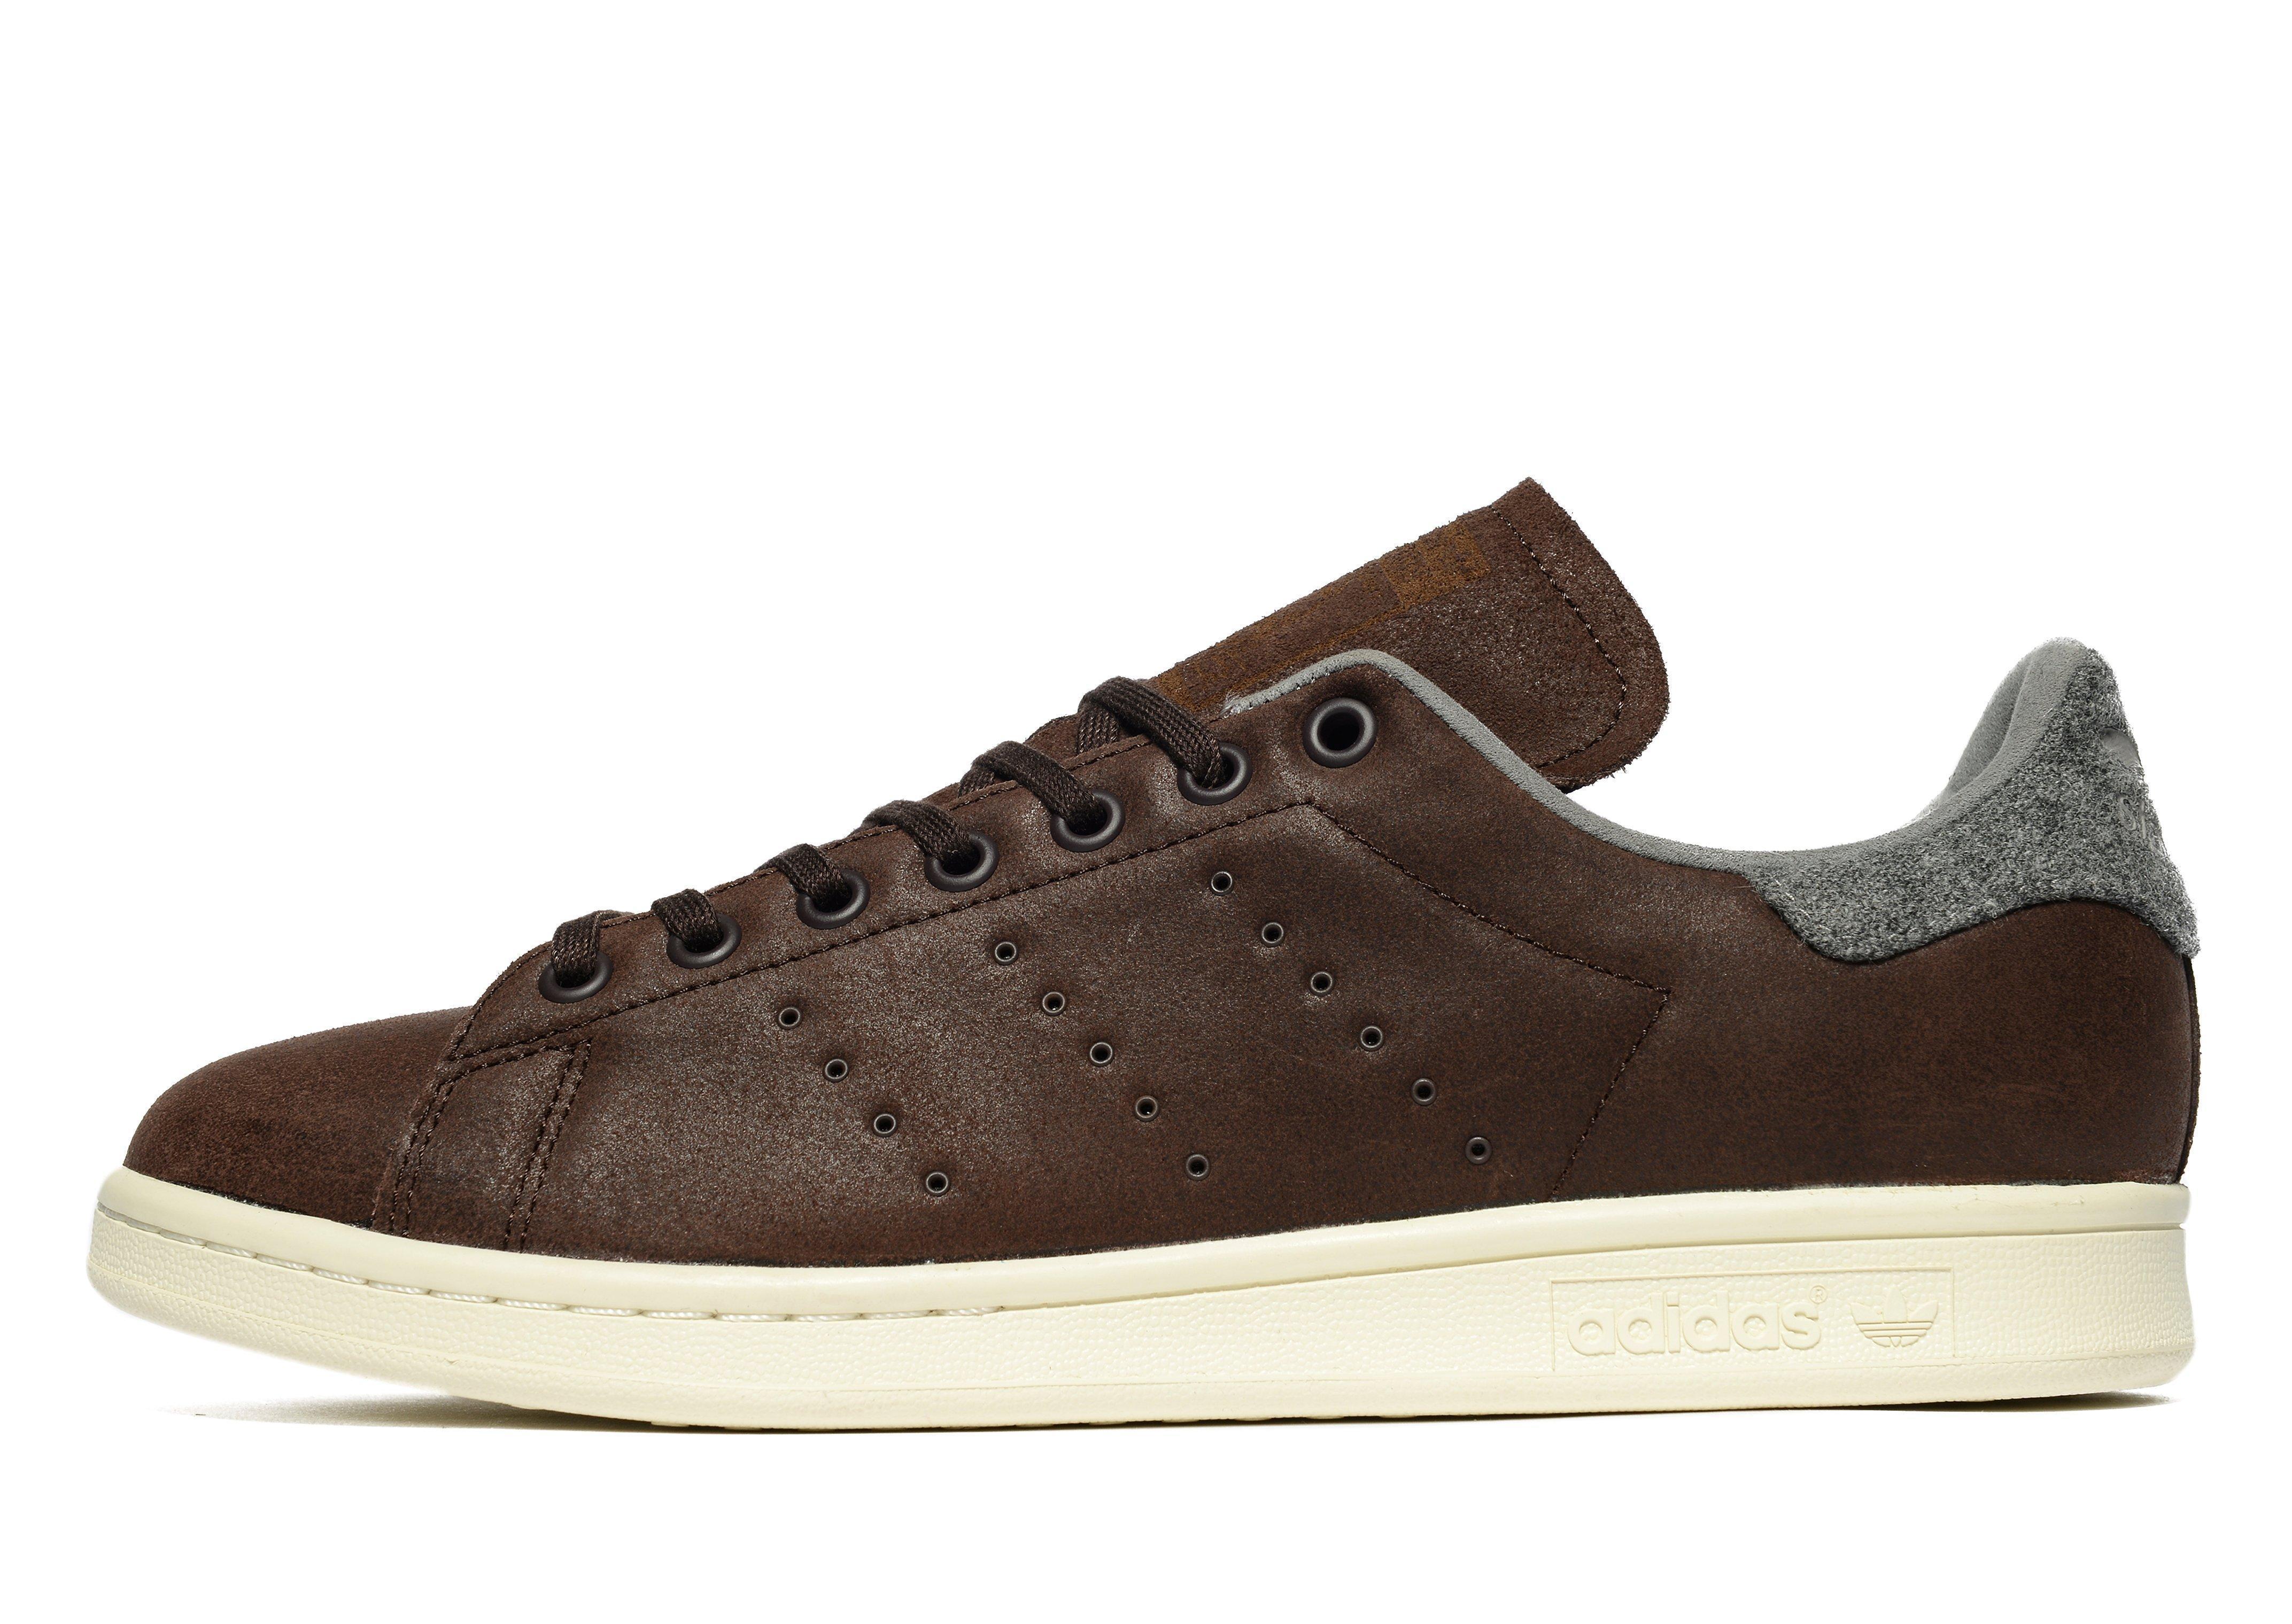 adidas Originals Leather Stan Smith Winter in Dark Brown (Brown ...